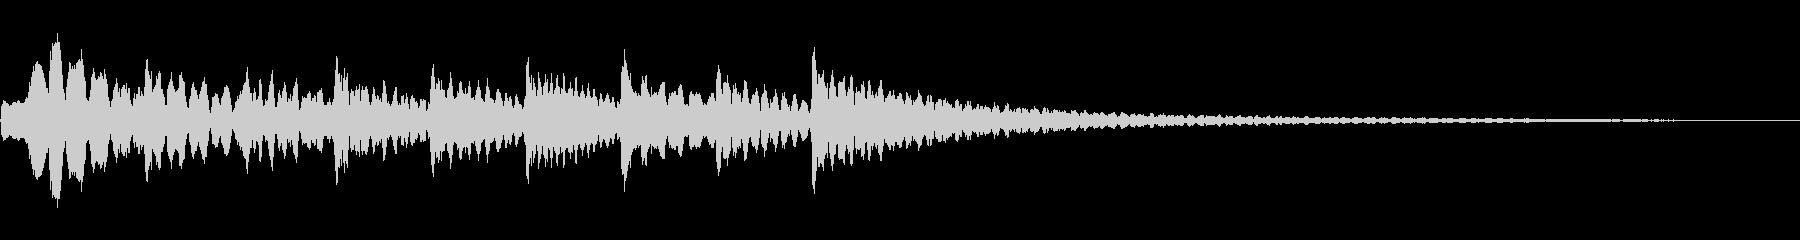 マリンバの明るいジングル・アイキャッチの未再生の波形